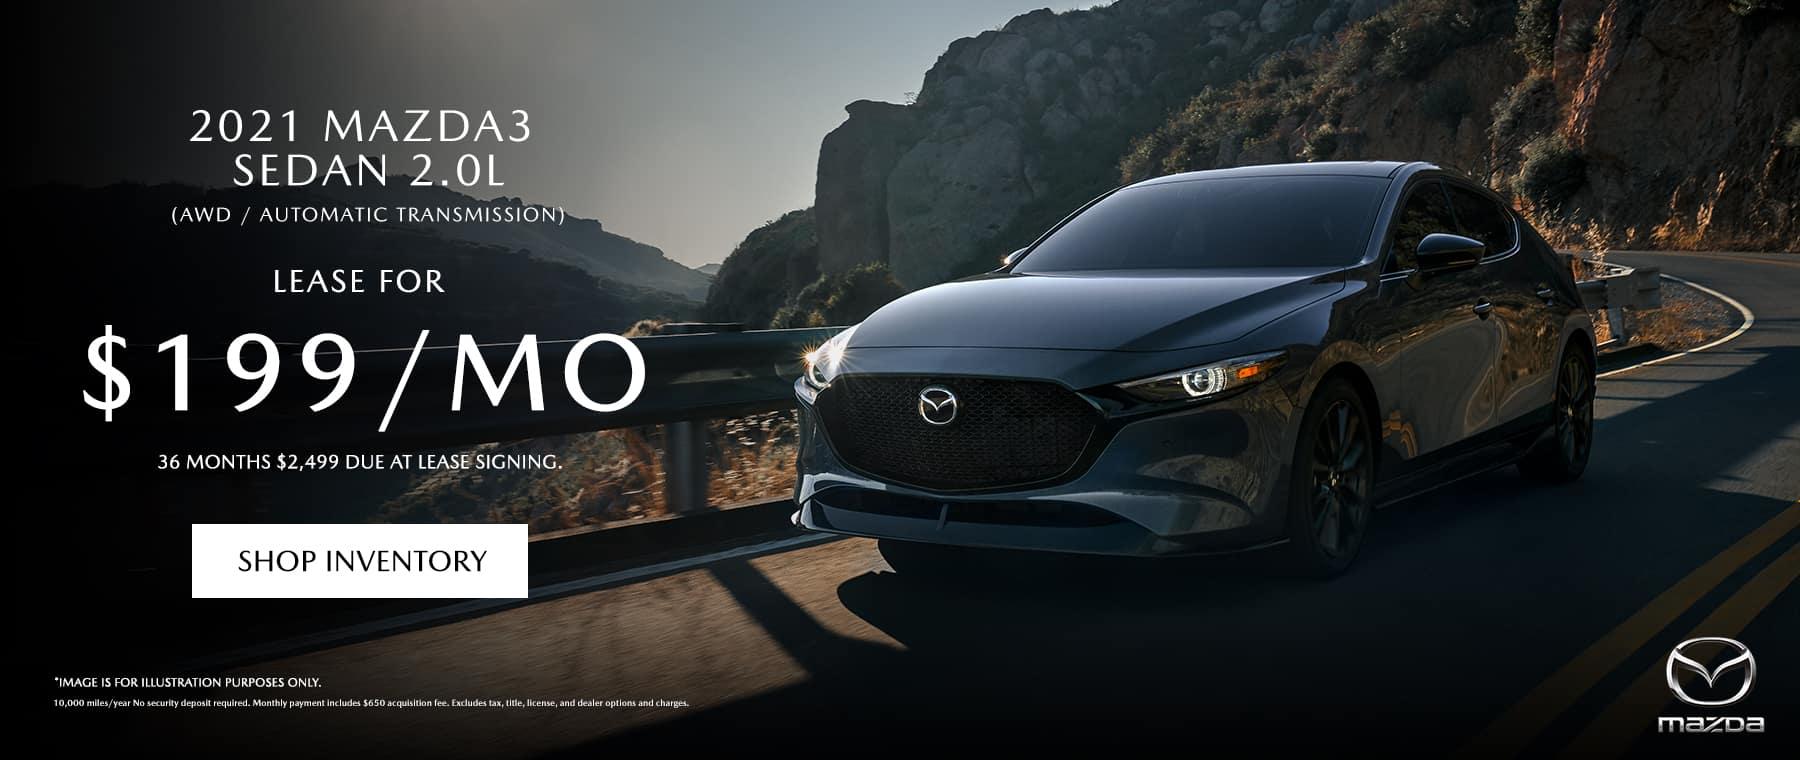 2021 Mazda3 Sedan 2.0L